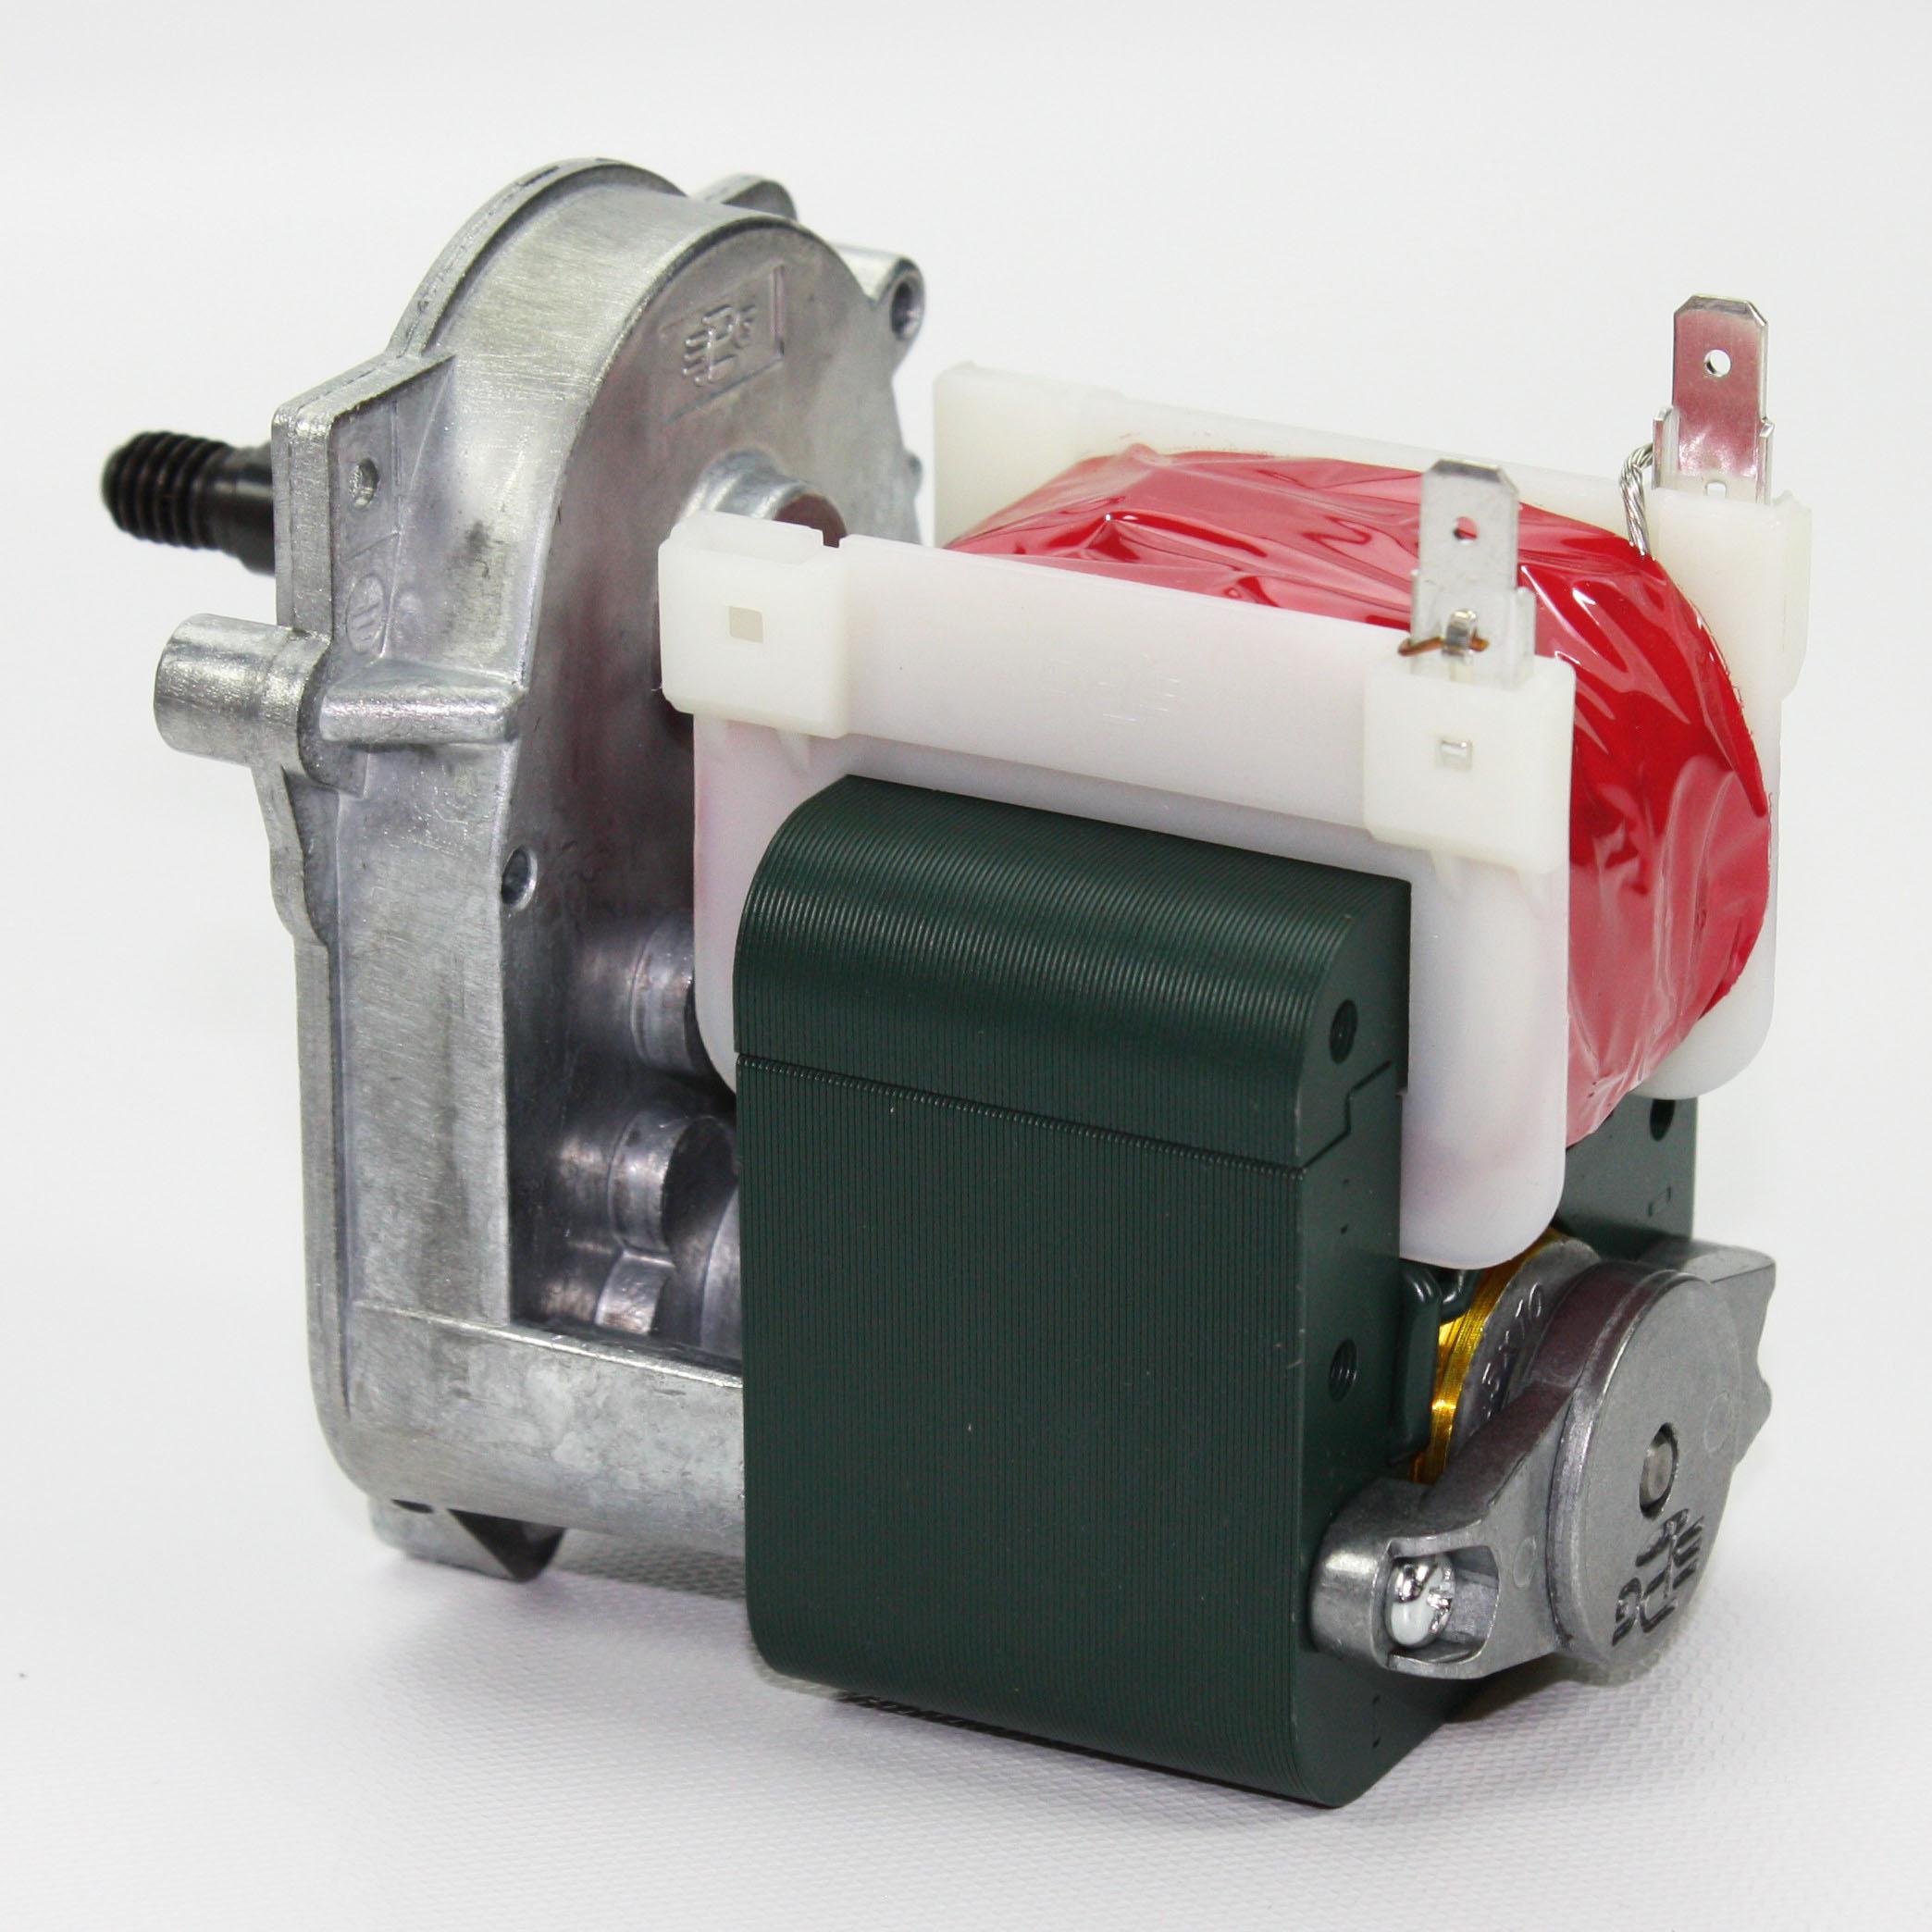 Wr60x10258 Ge Refrigerator Auger Motor Ebay